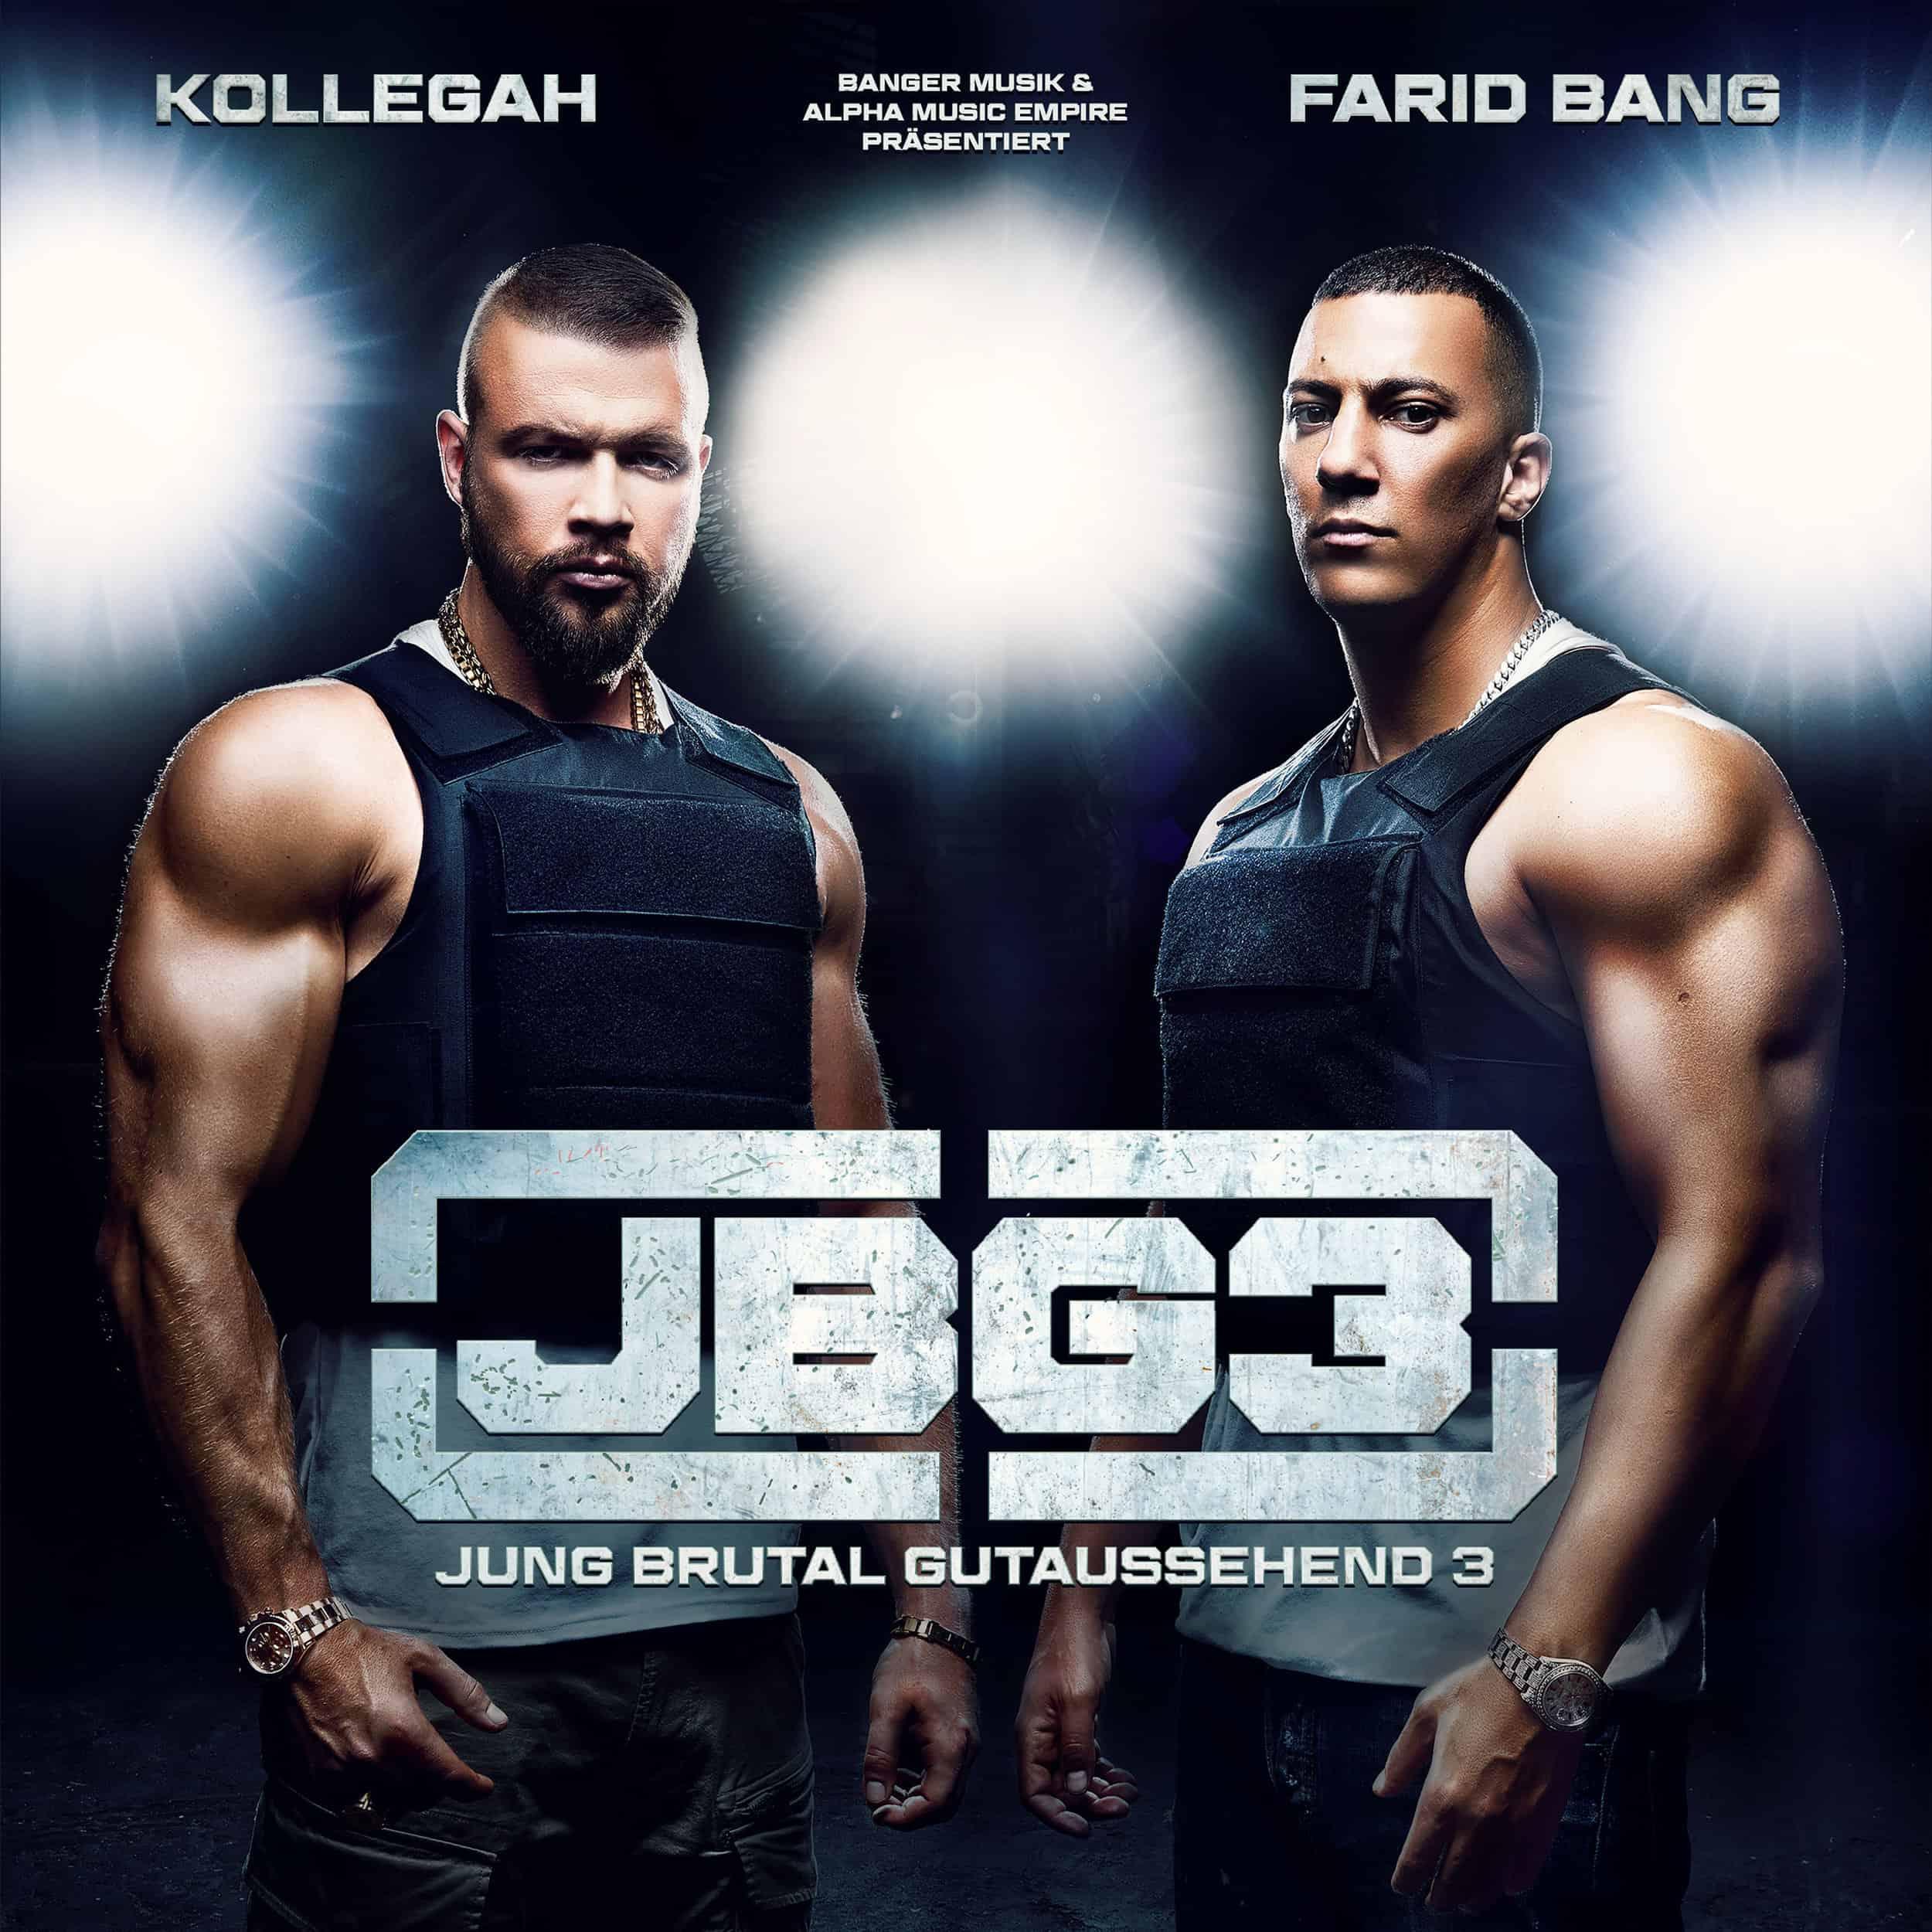 studio-ignatov-musicians-jbg3-faridbang-kollegah-02